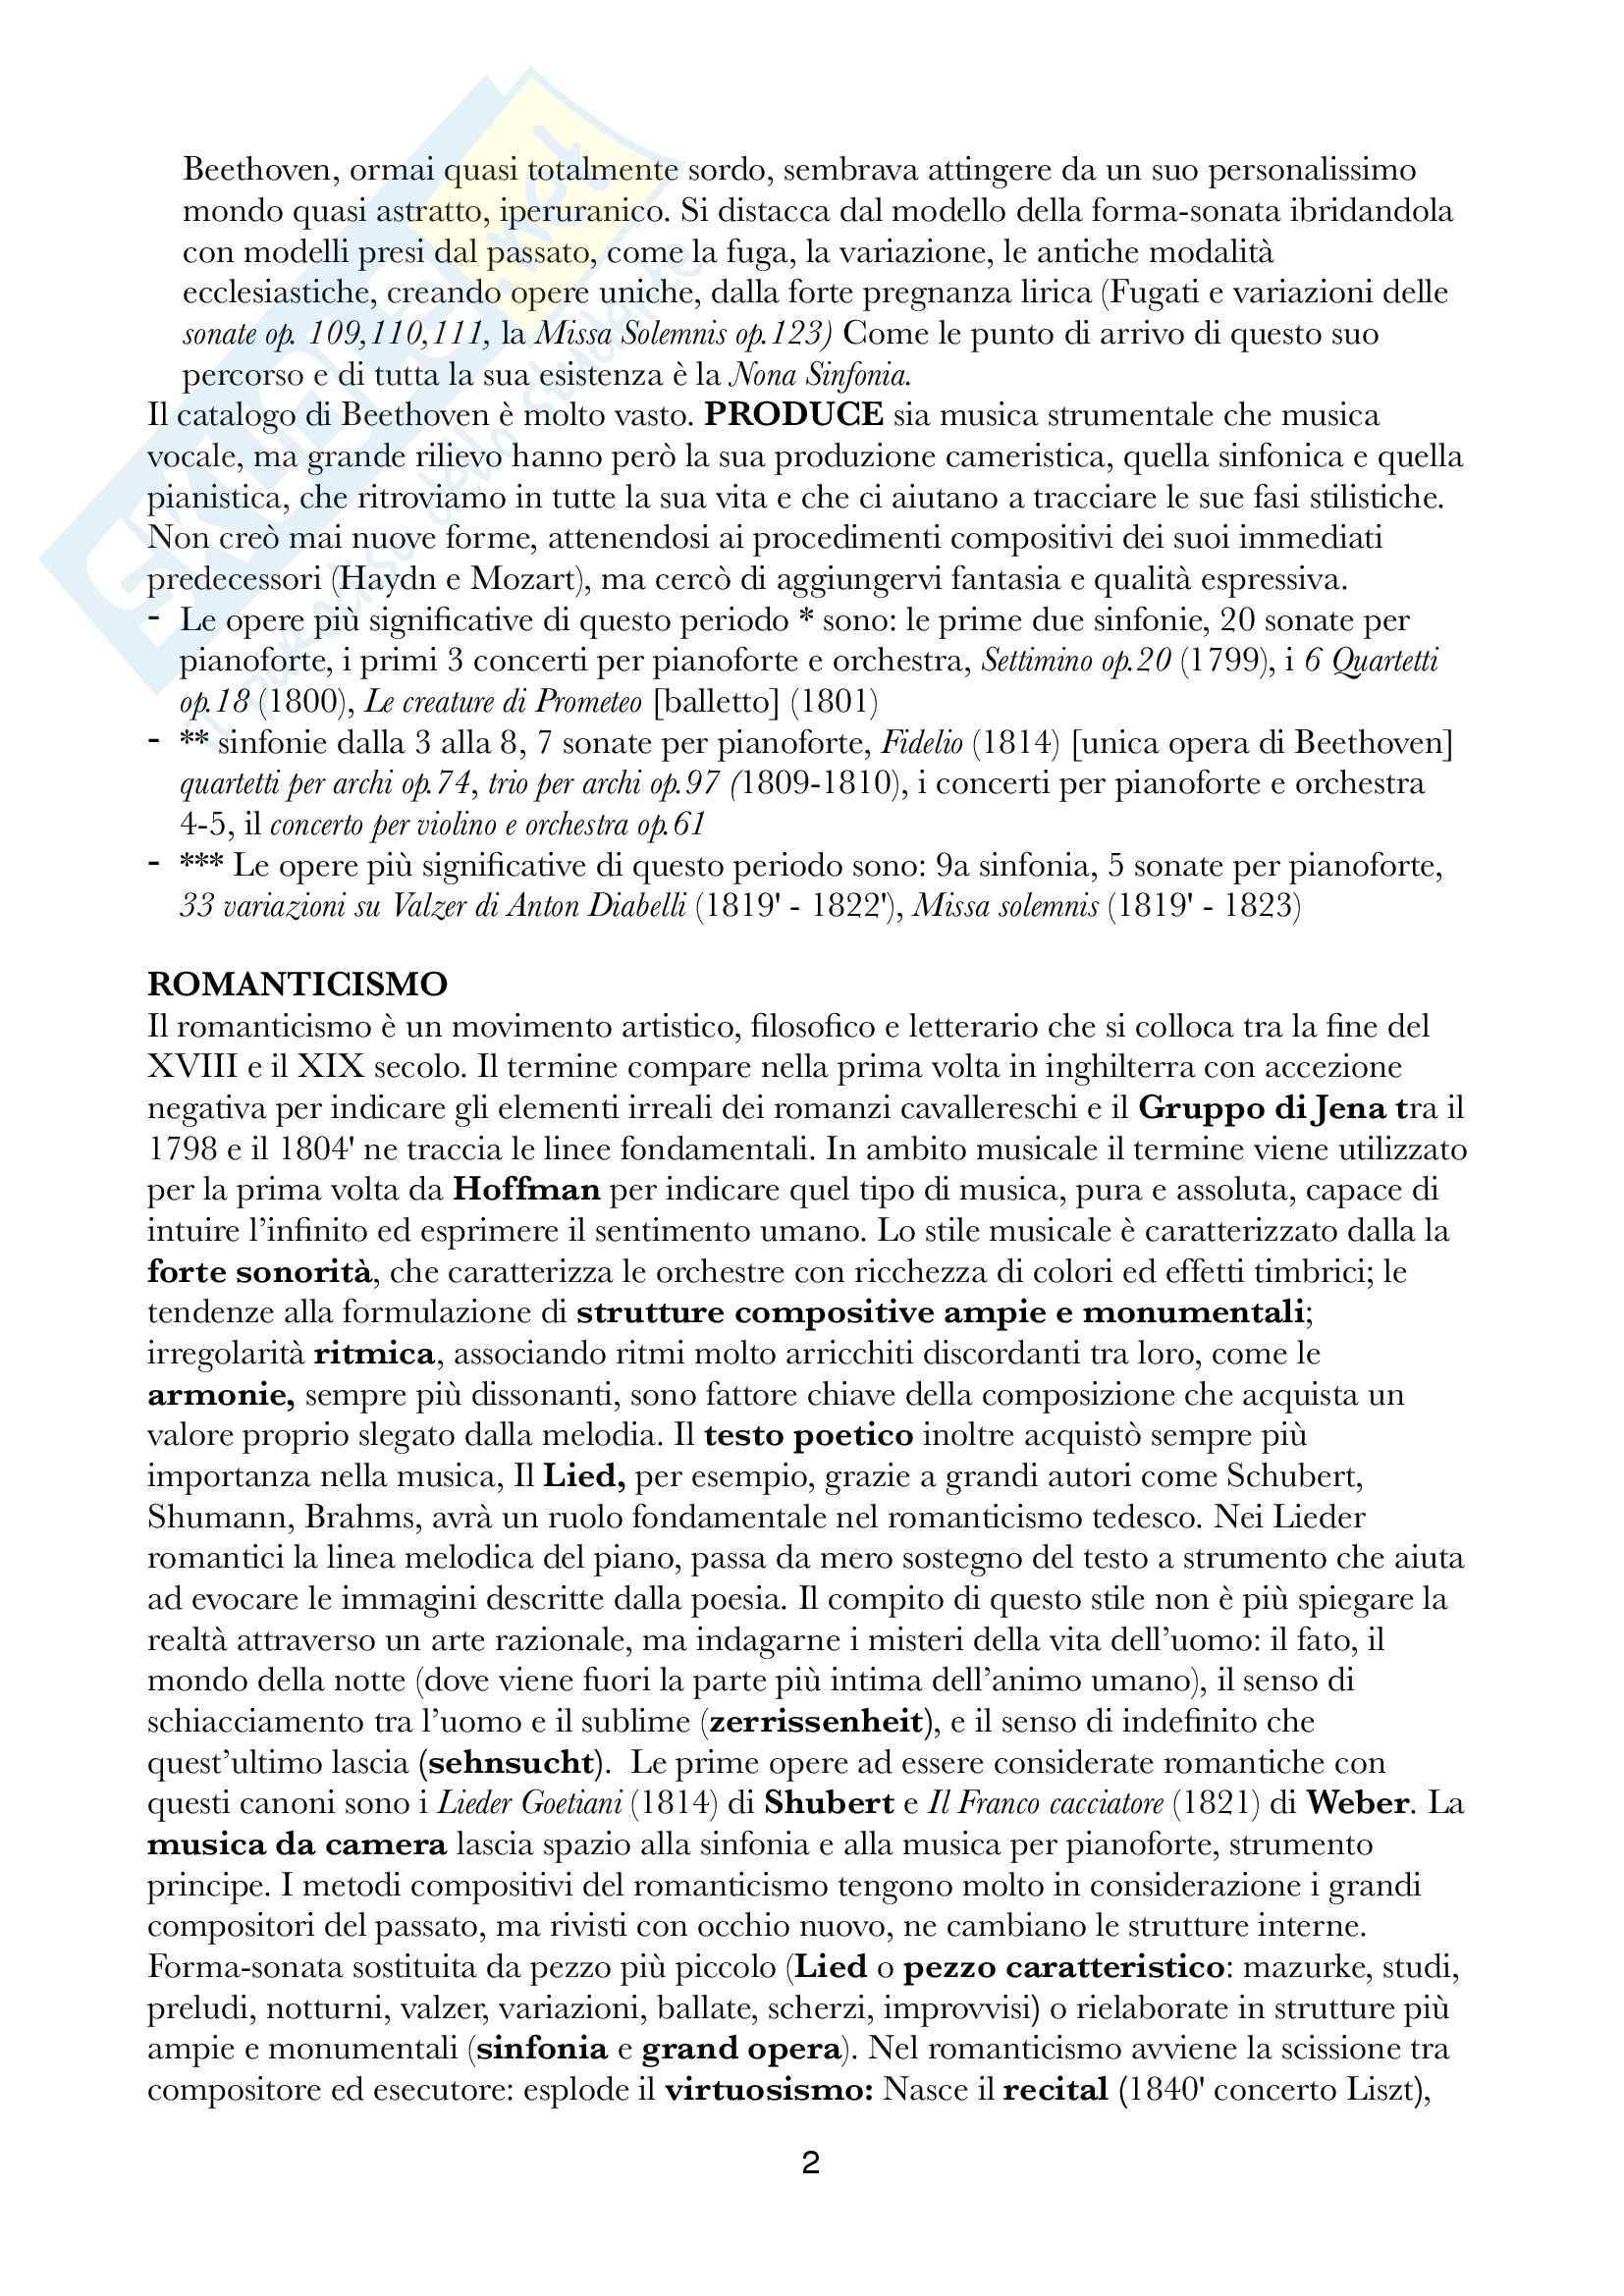 Sunti di Storia della musica dell'800, Docente Bianconi/Cuomo, Libro consigliato Storia della musica occidentale + Dispensa del corso Pag. 2